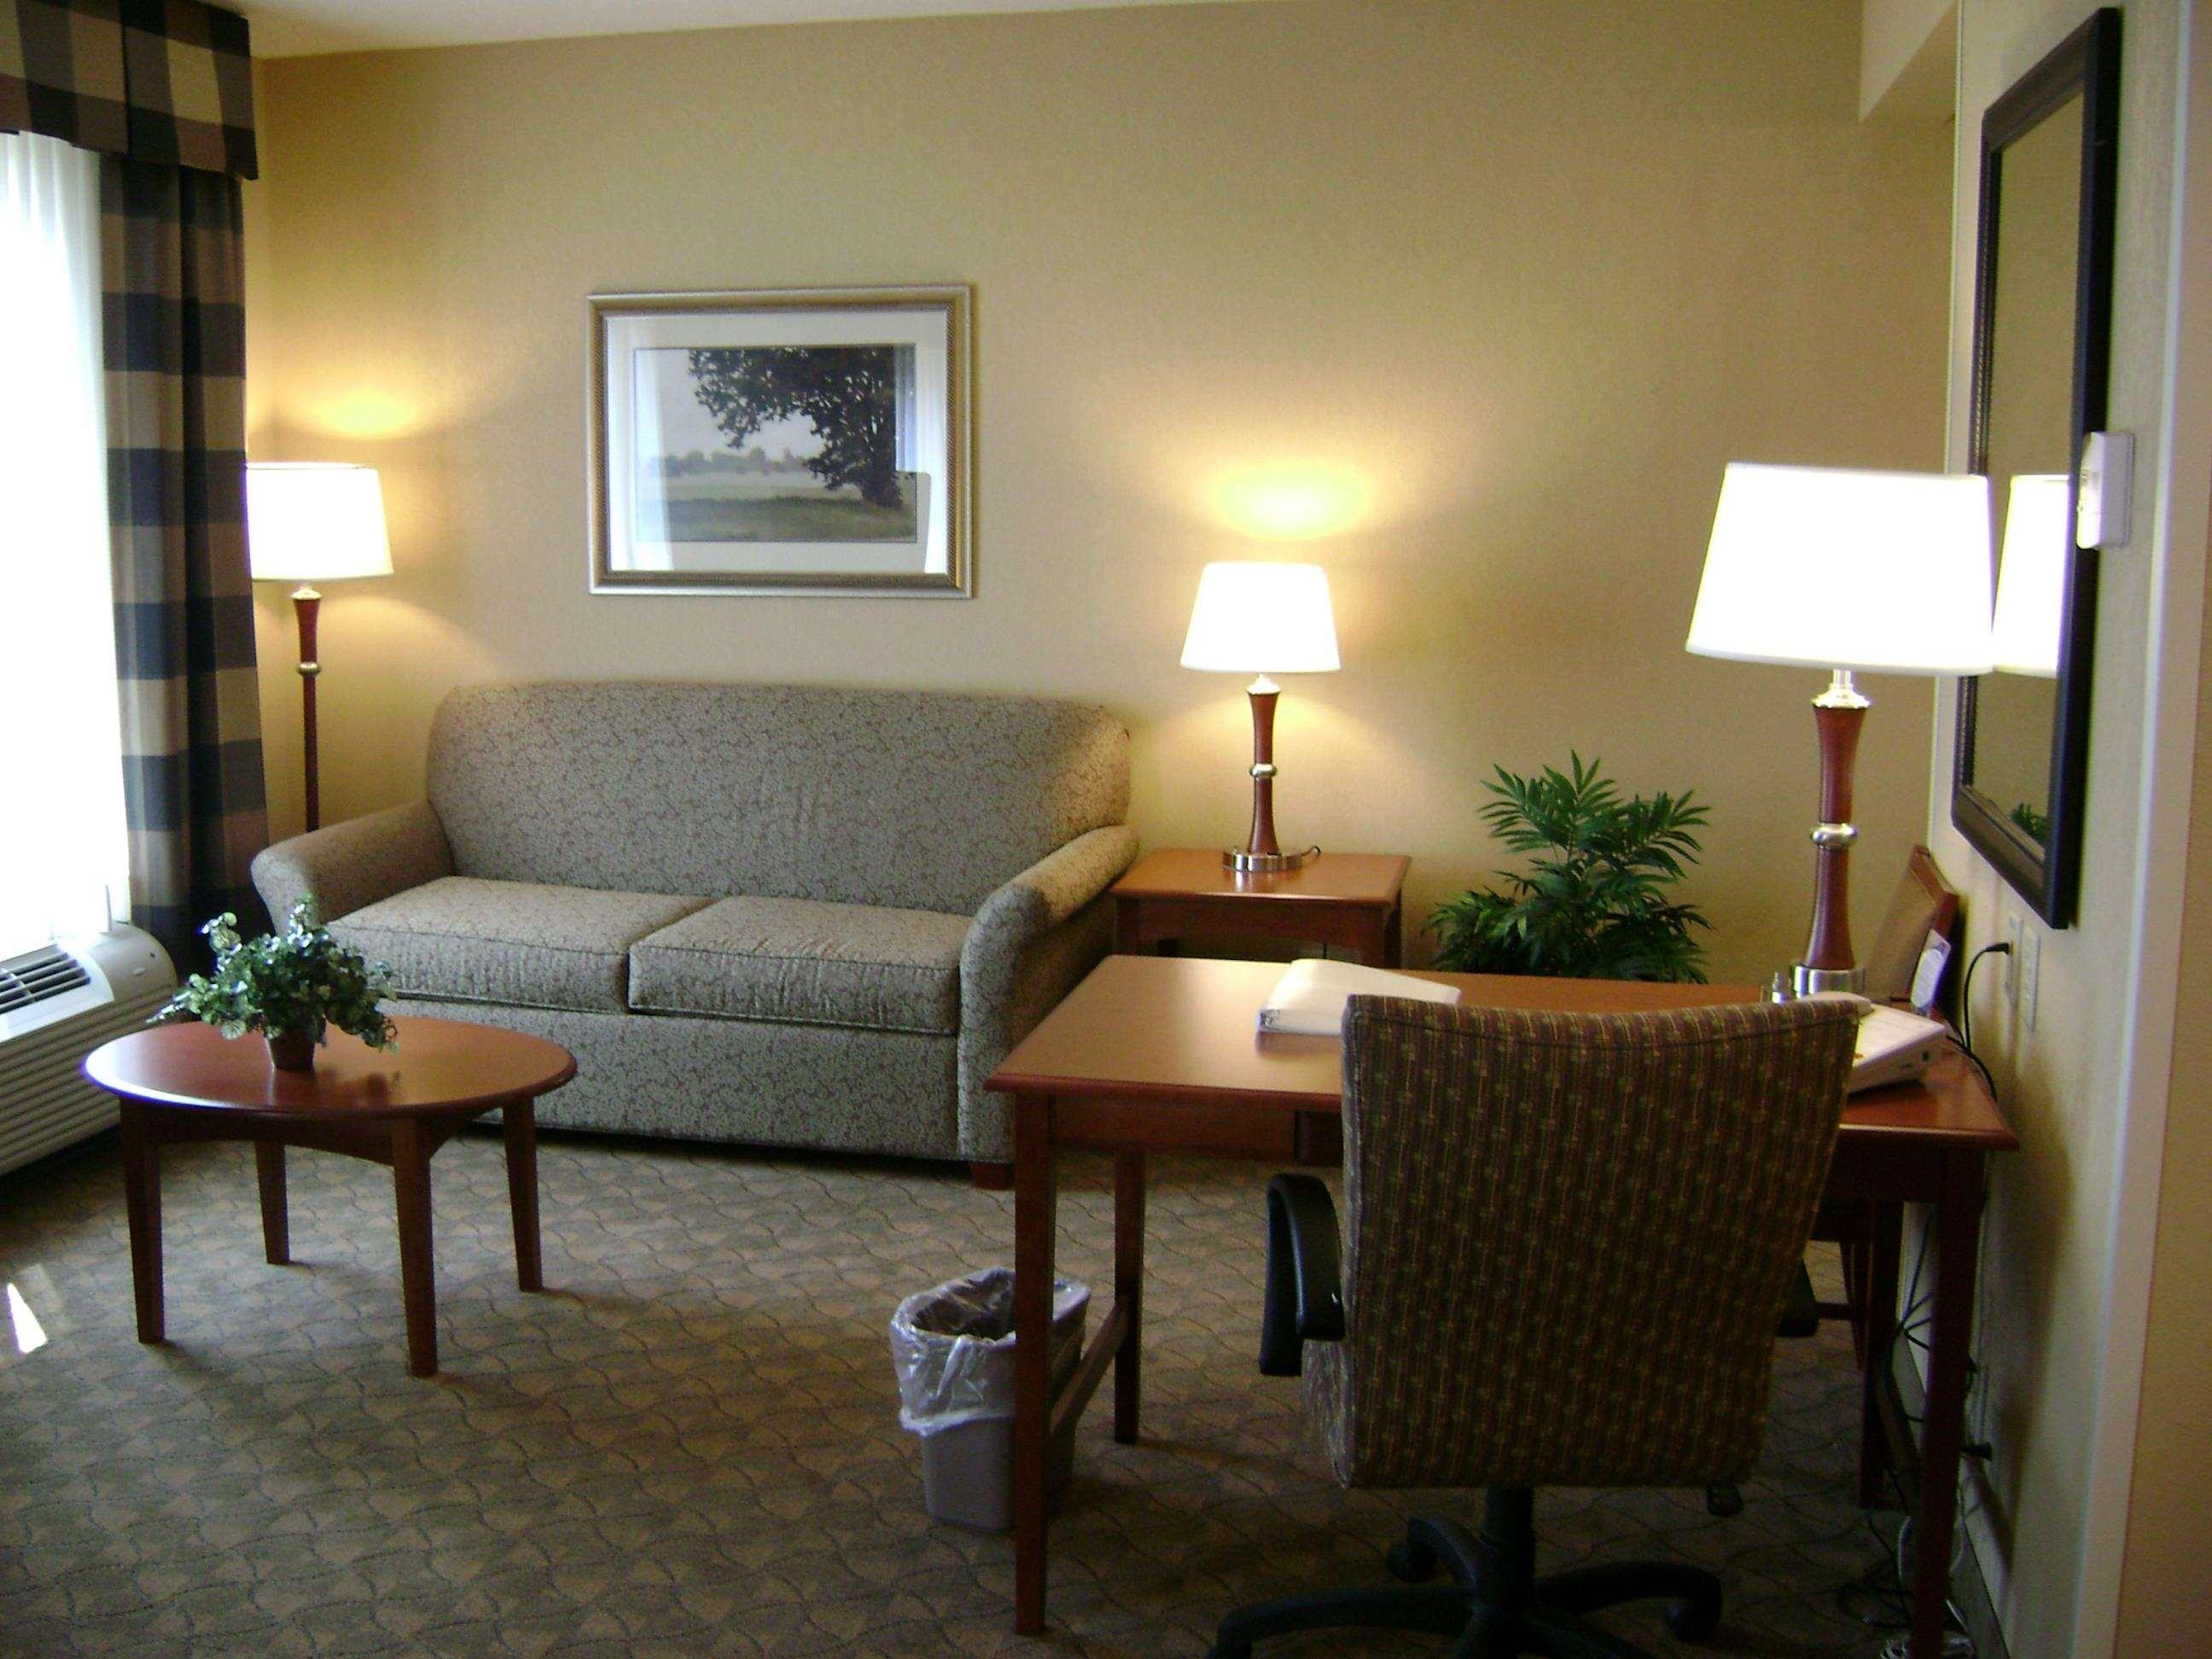 Hampton Inn & Suites Paducah image 32